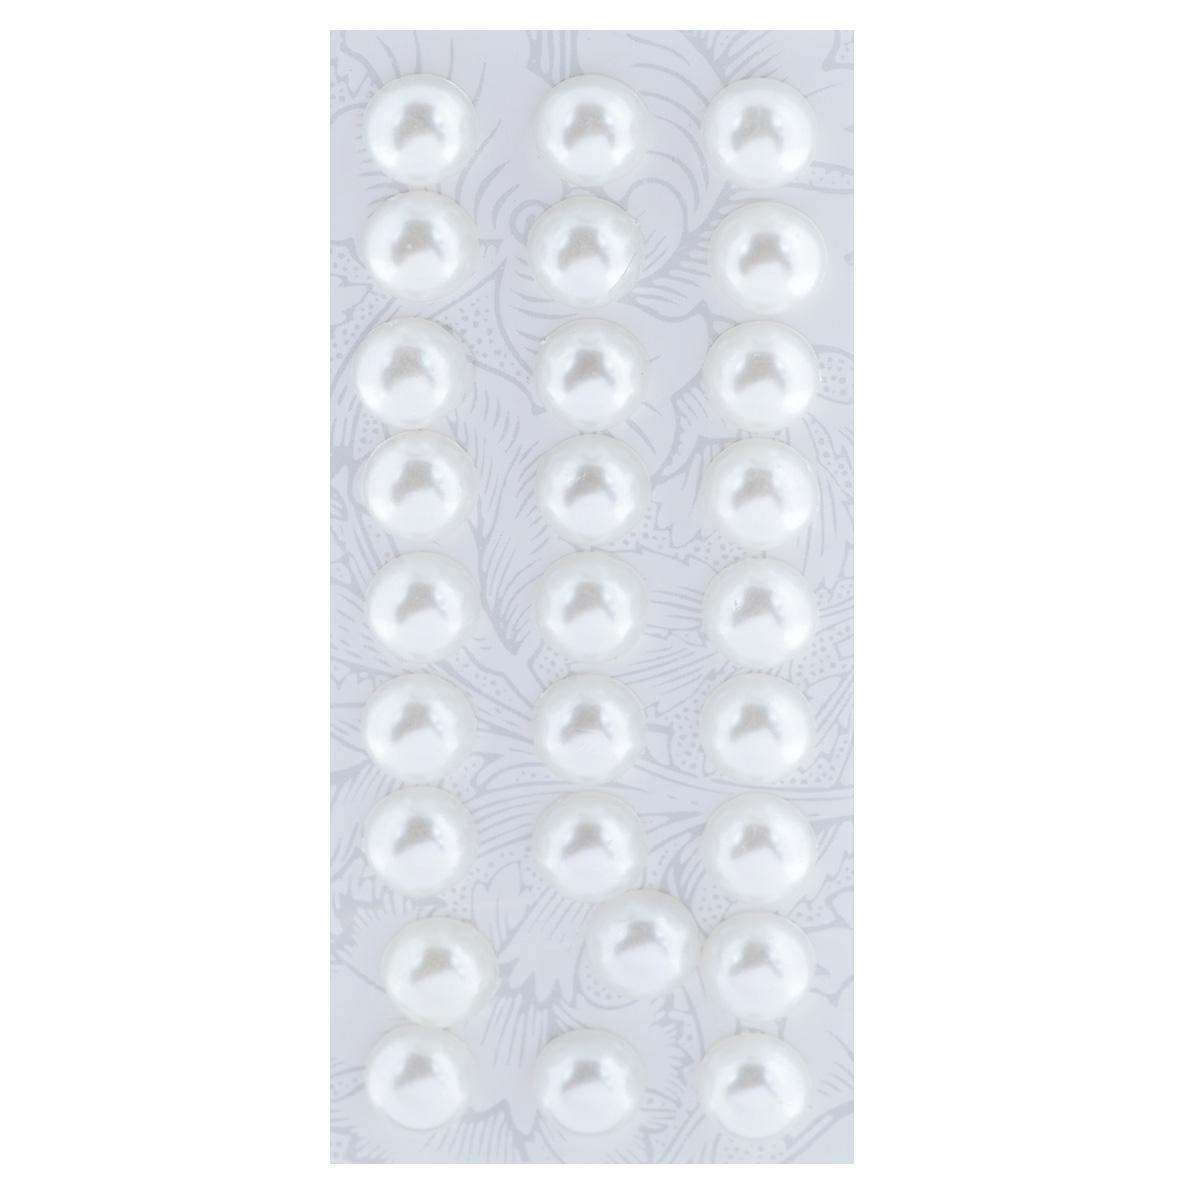 Наклейки декоративные Астра, цвет: белый (10), диаметр 10 мм, 27 шт7704129_10Декоративные наклейки Астра, изготовленные из пластика, прекрасно подойдут для оформления творческих работ в технике скрапбукинга. Их можно использовать для украшения фотоальбомов, скрап-страничек, подарков, конвертов, фоторамок, открыток и т.д. Объемные наклейки круглой формы оснащены задней клейкой стороной. Скрапбукинг - это хобби, которое способно приносить массу приятных эмоций не только человеку, который этим занимается, но и его близким, друзьям, родным. Это невероятно увлекательное занятие, которое поможет вам сохранить наиболее памятные и яркие моменты вашей жизни, а также интересно оформить интерьер дома. Диаметр наклейки: 10 мм.